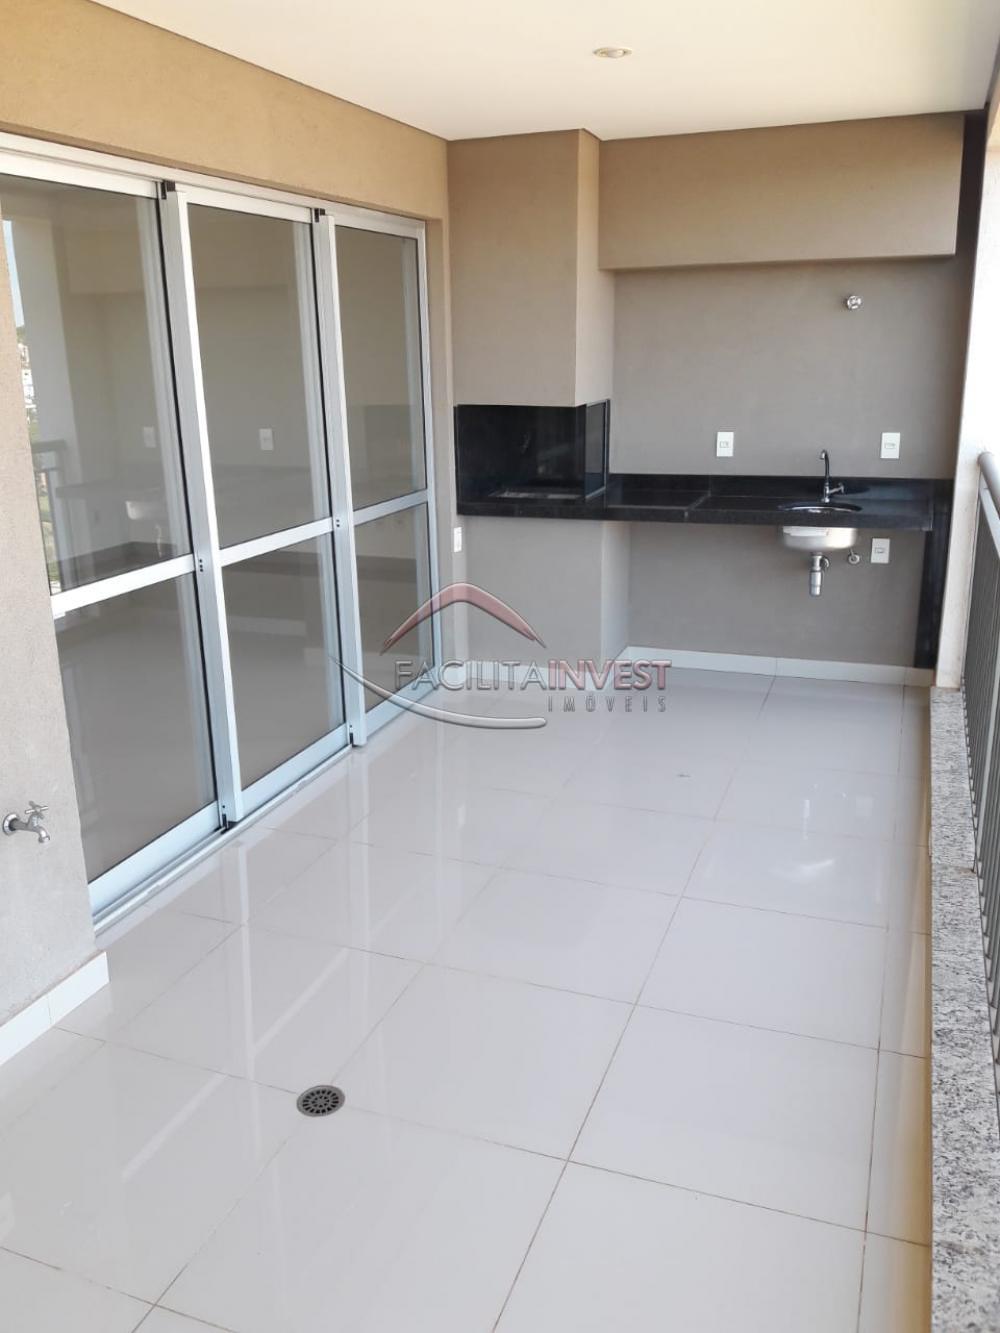 Comprar Apartamentos / Apart. Padrão em Ribeirão Preto apenas R$ 716.732,70 - Foto 3